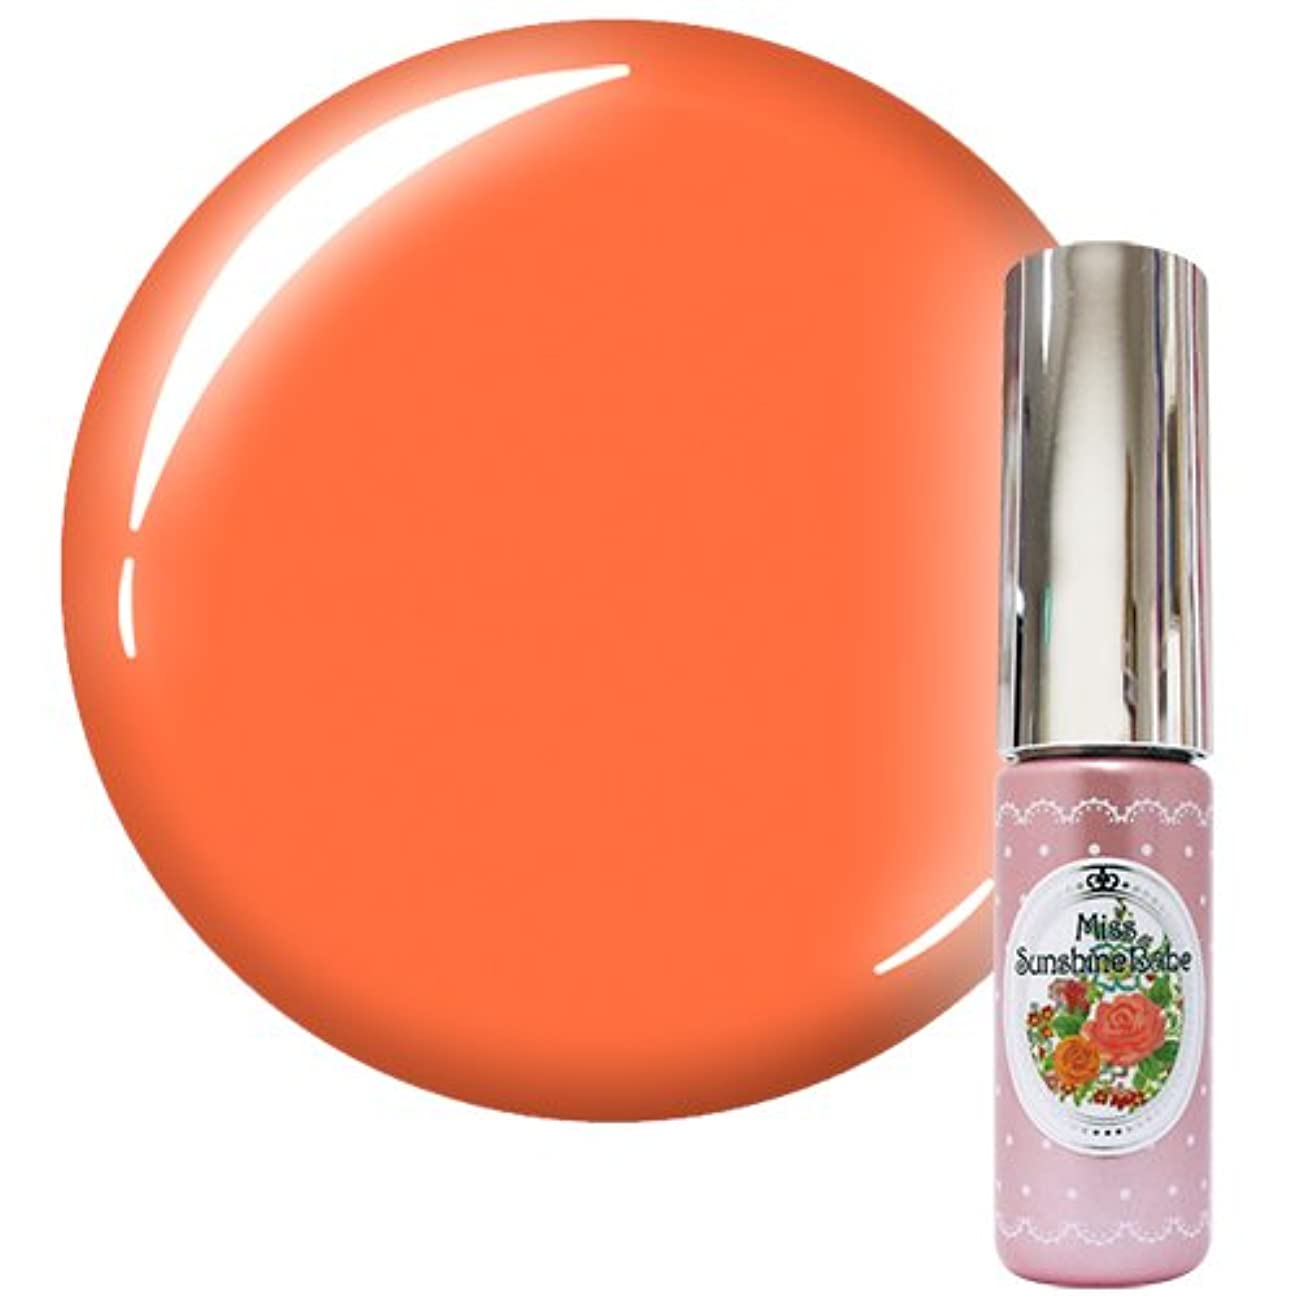 一流告発者帝国主義Miss SunshineBabe ミス サンシャインベビー カラージェル MC-33 5g サマーパステルオレンジ